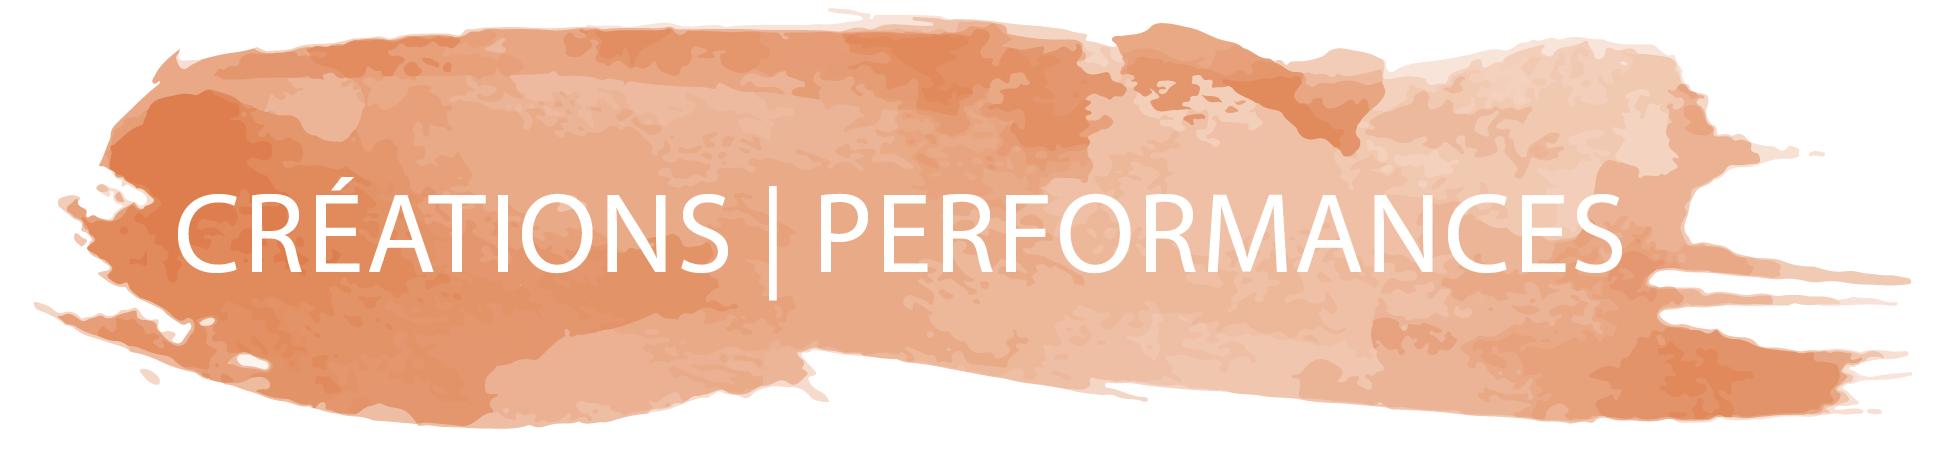 Créations | Performances